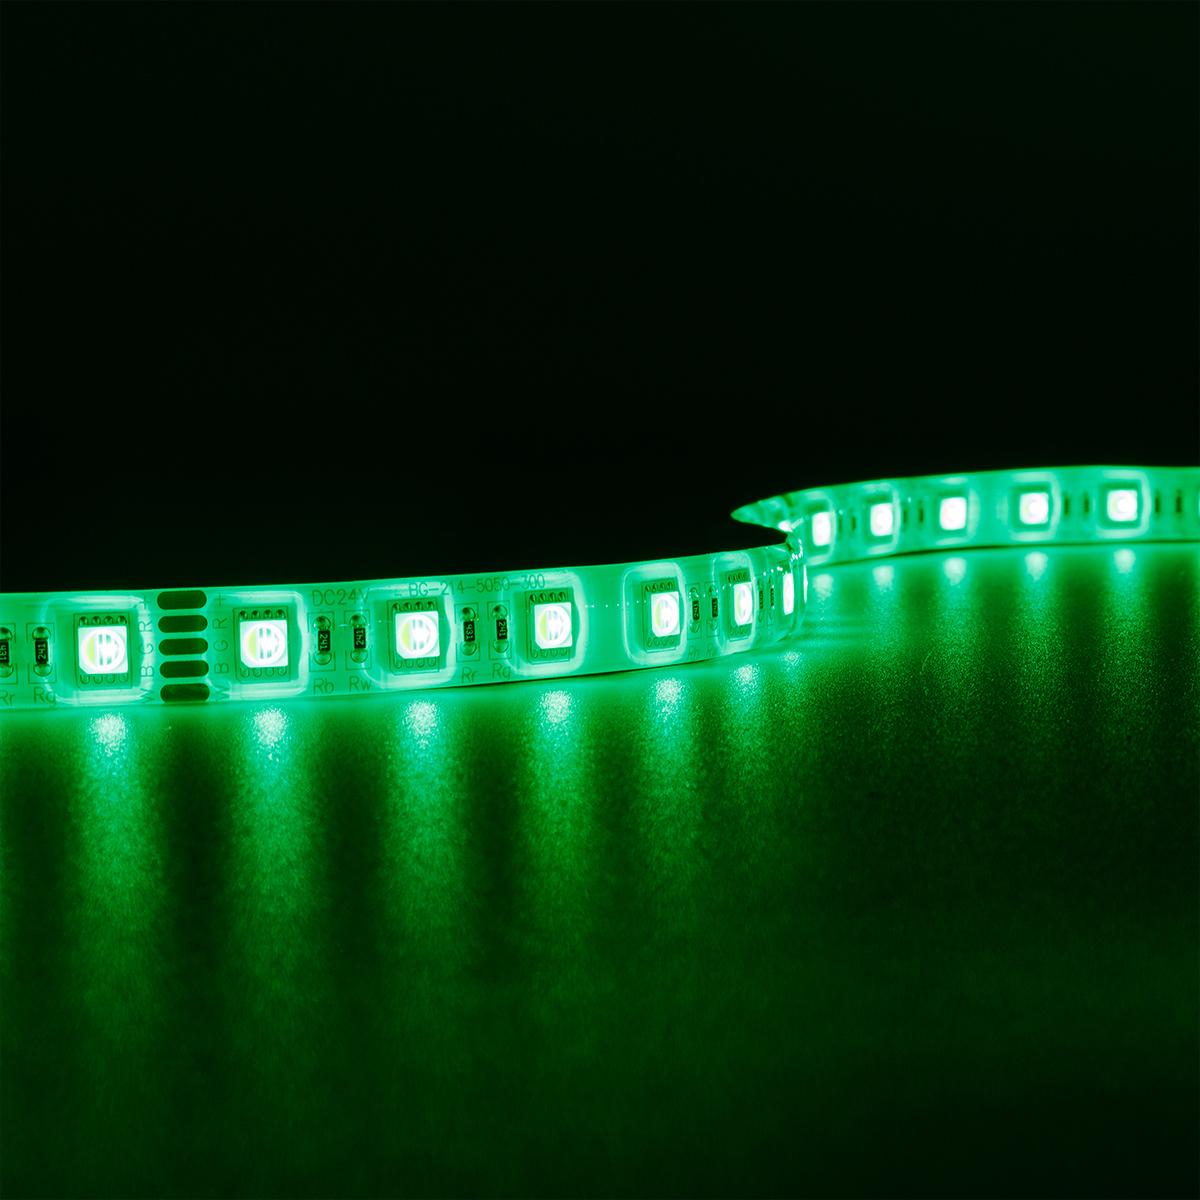 Strip RGBW 24V LED Streifen 5M 15W/m 60LED/m 12mm IP65 Farbwechsel RGB+3000K